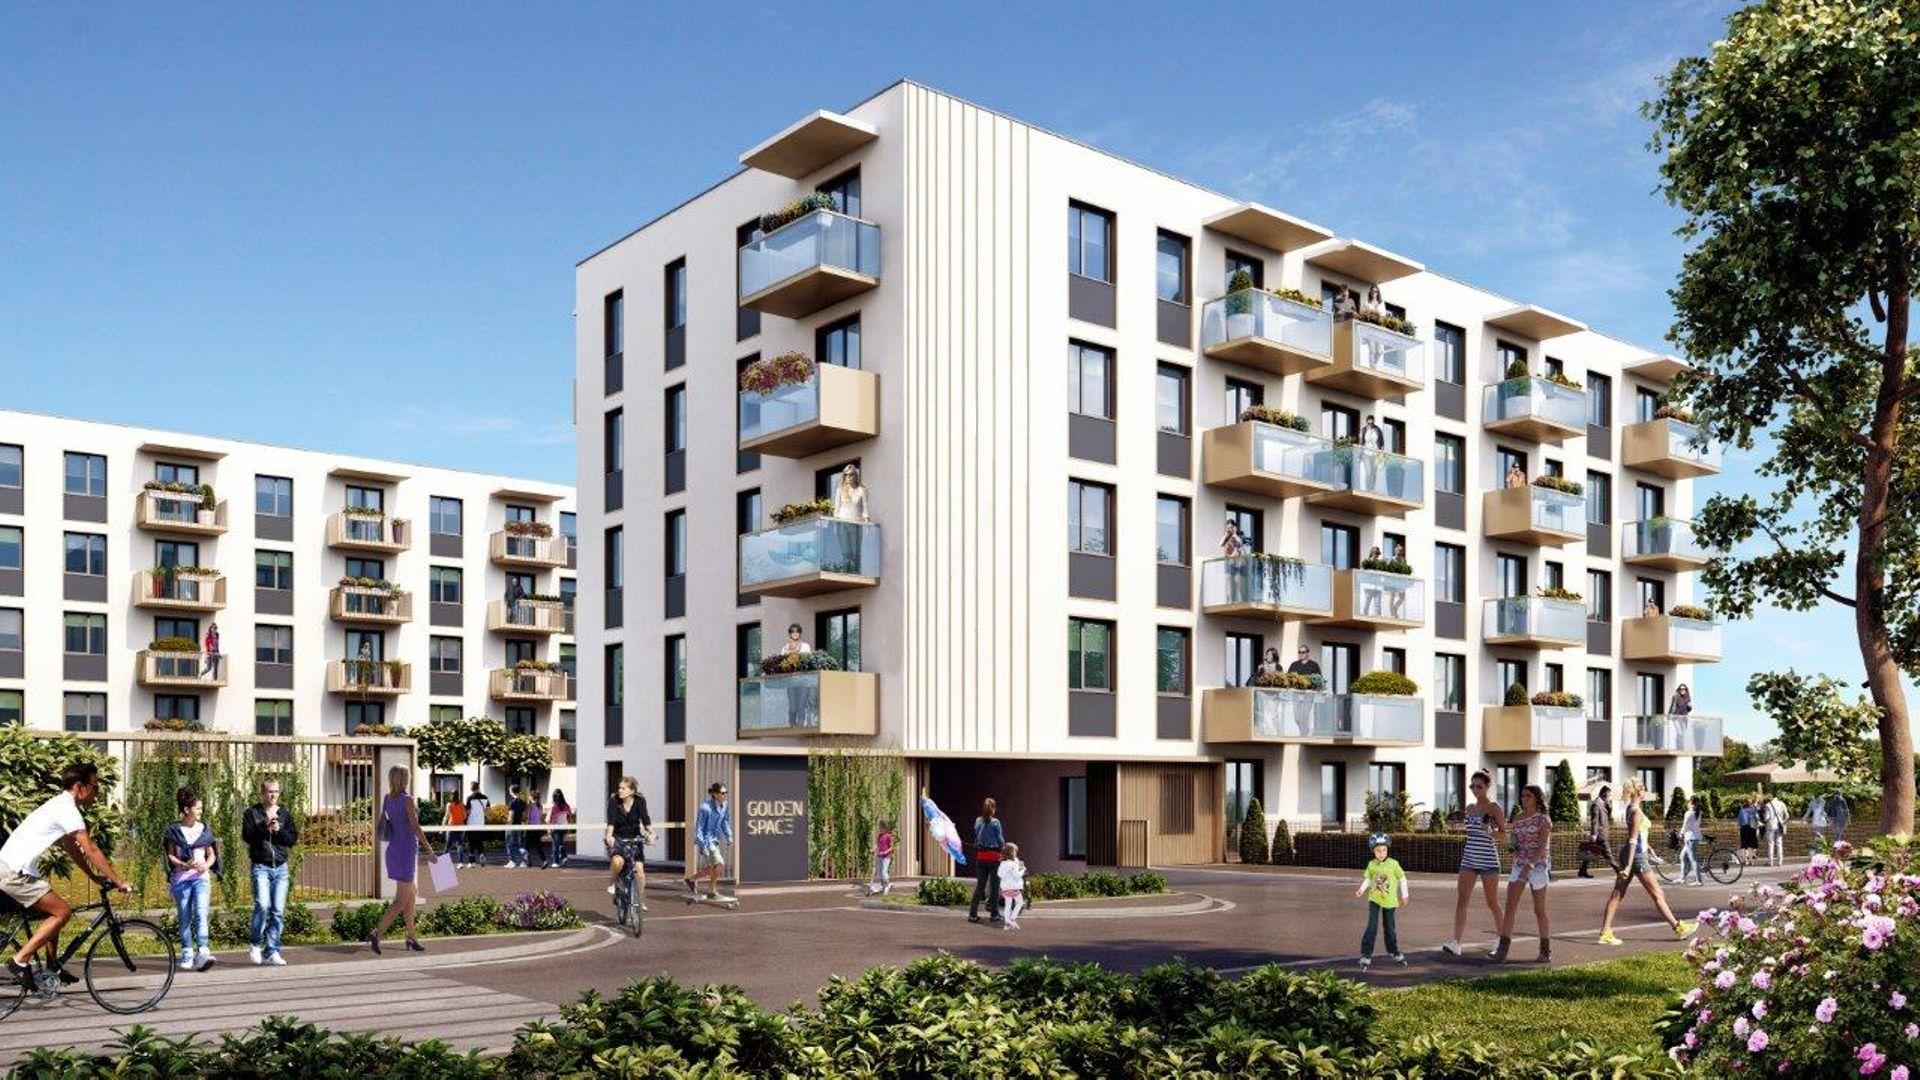 Warszawa: Golden Space – Nexity wprowadzi na rynek ponad sto mieszkań w Starych Włochach